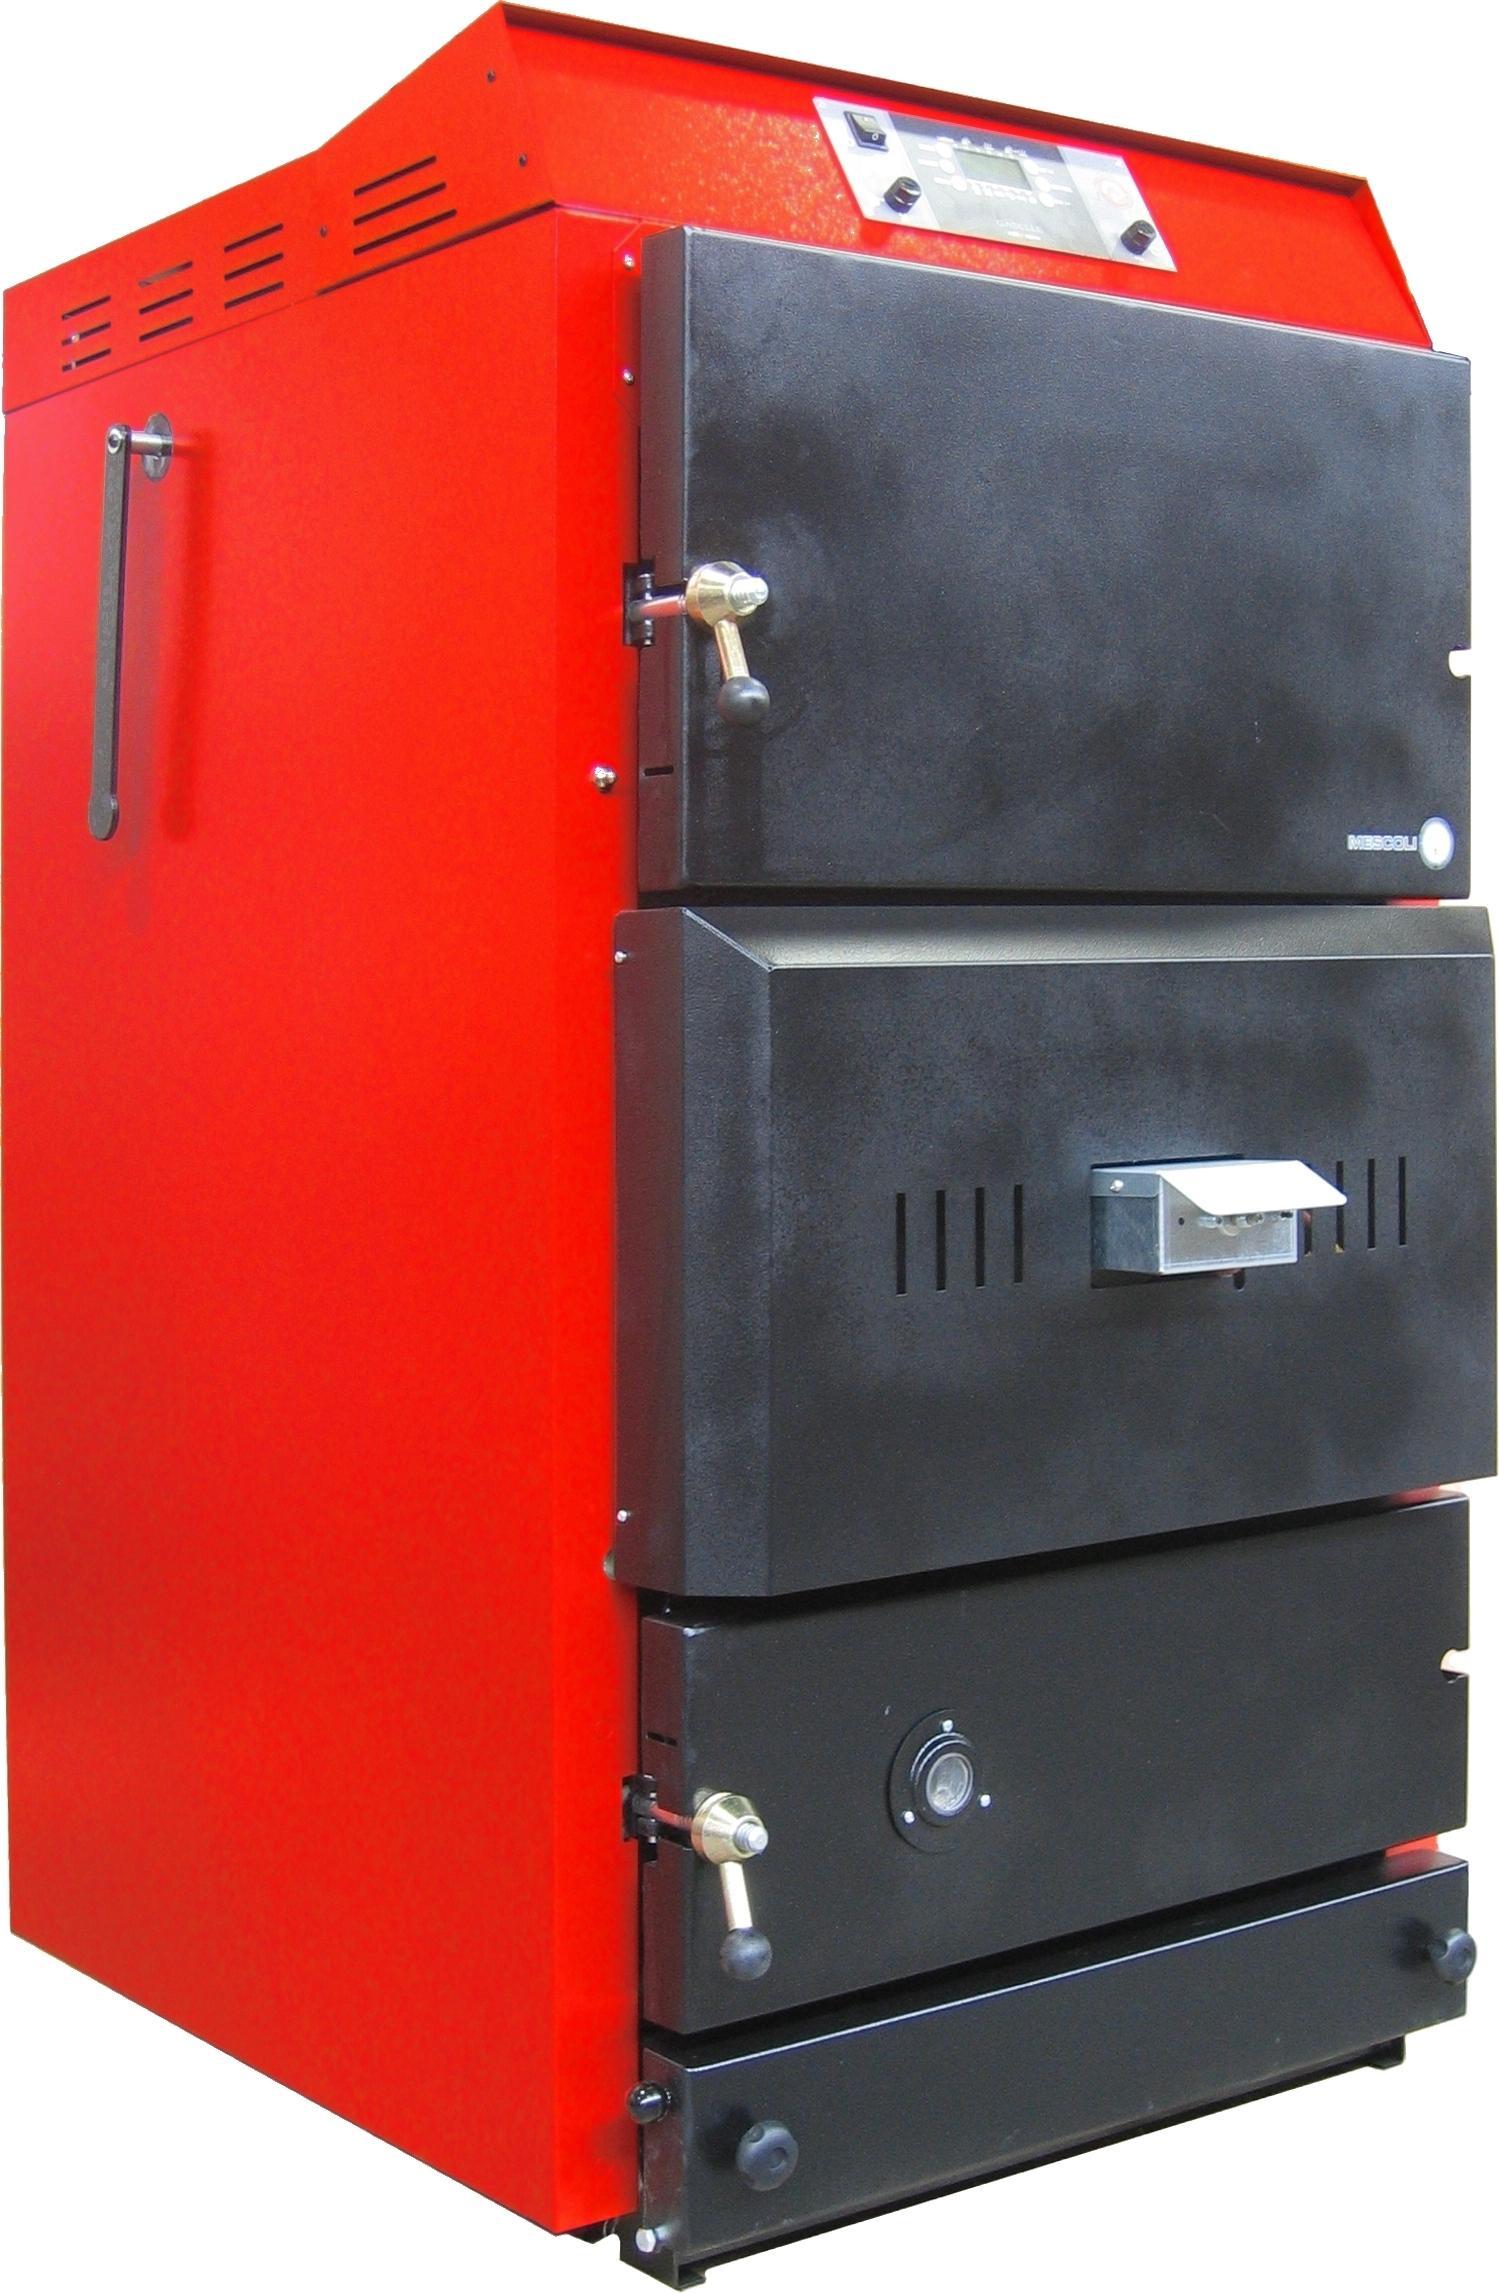 Caldaie a legna a fiamma inversa e gassificazione aspirate for Caldaie a legna fiamma rovesciata arca